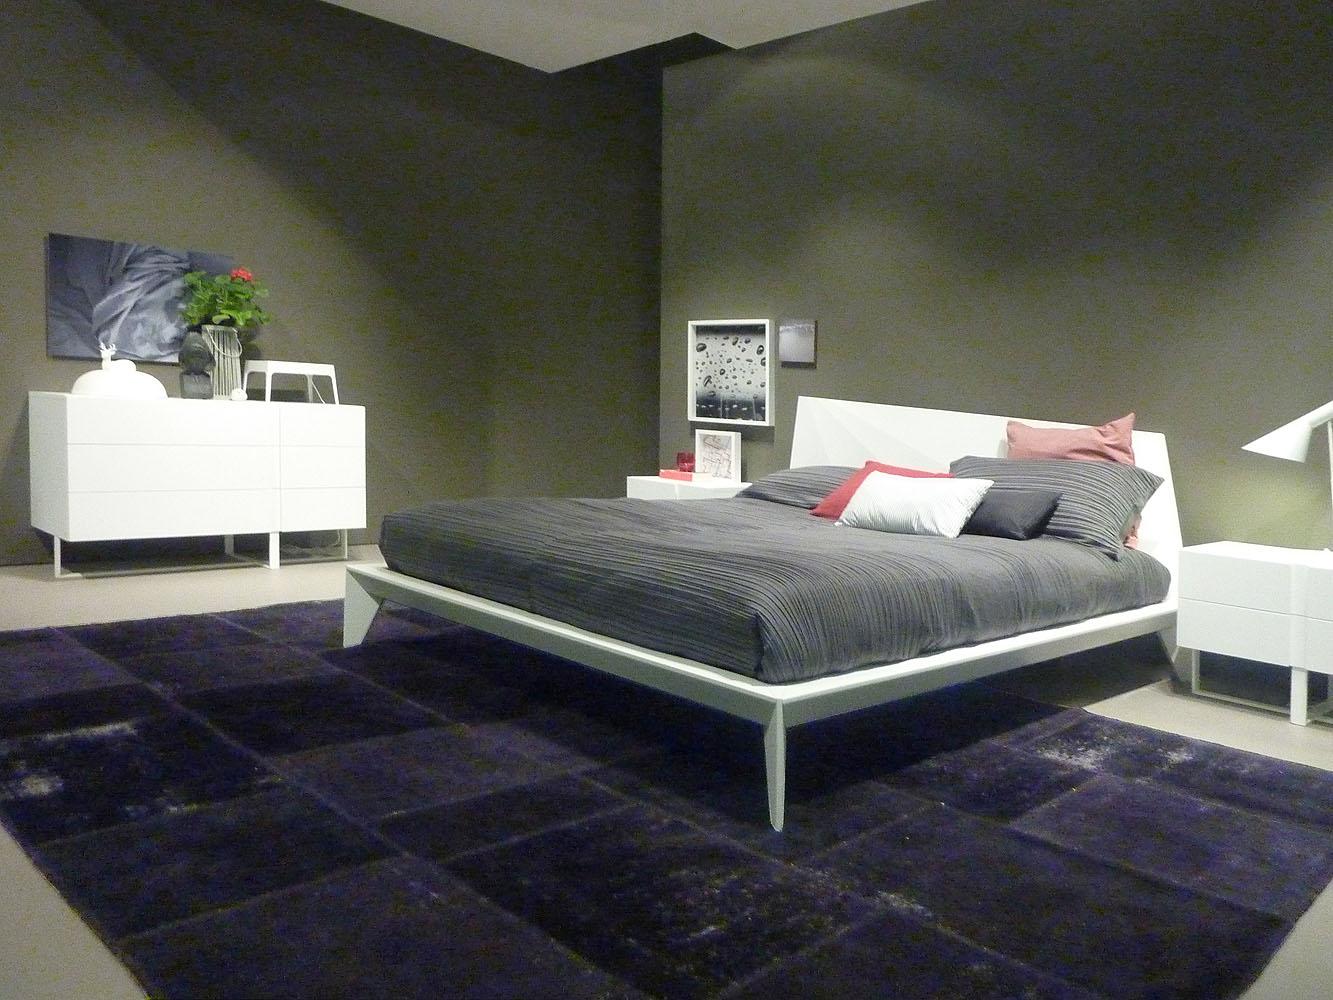 Teppich-unter-Bett.jpg